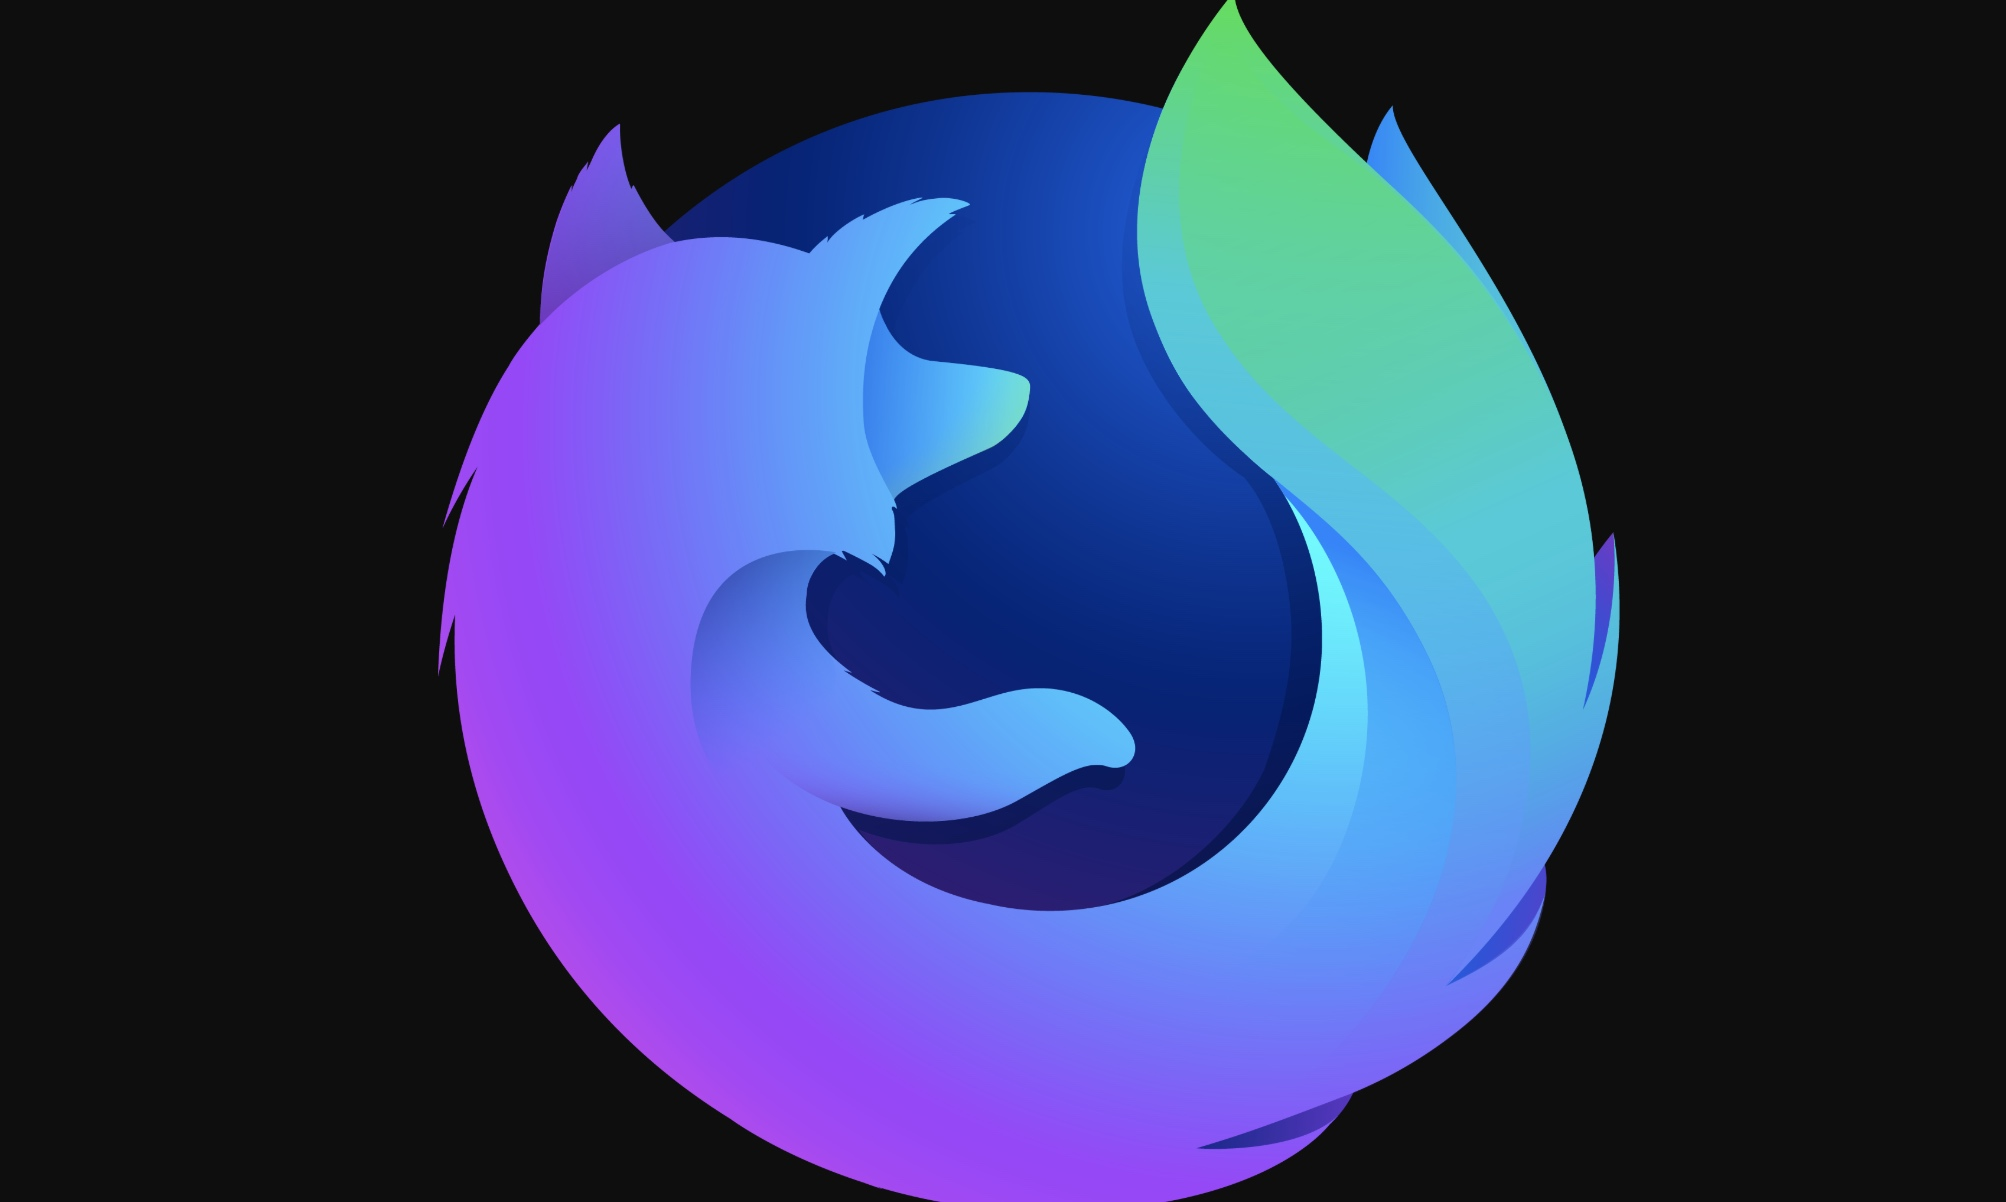 Privater surfen: Firefox Browser ändert Einstellungen